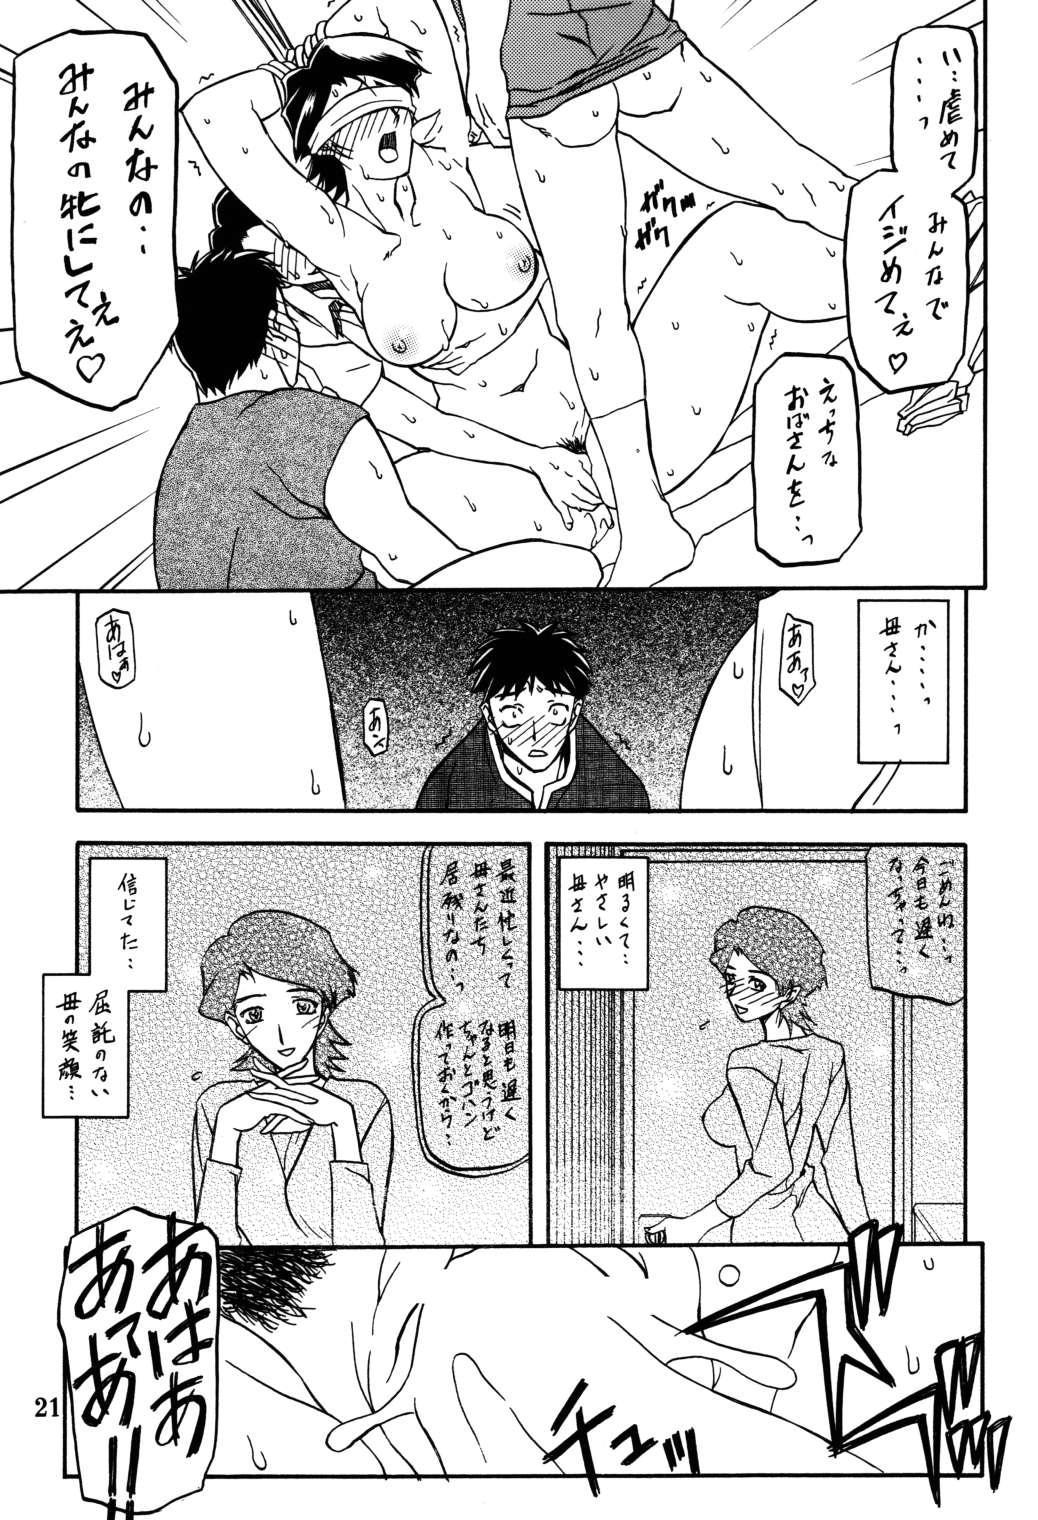 Akebi no Mi - Masae 19